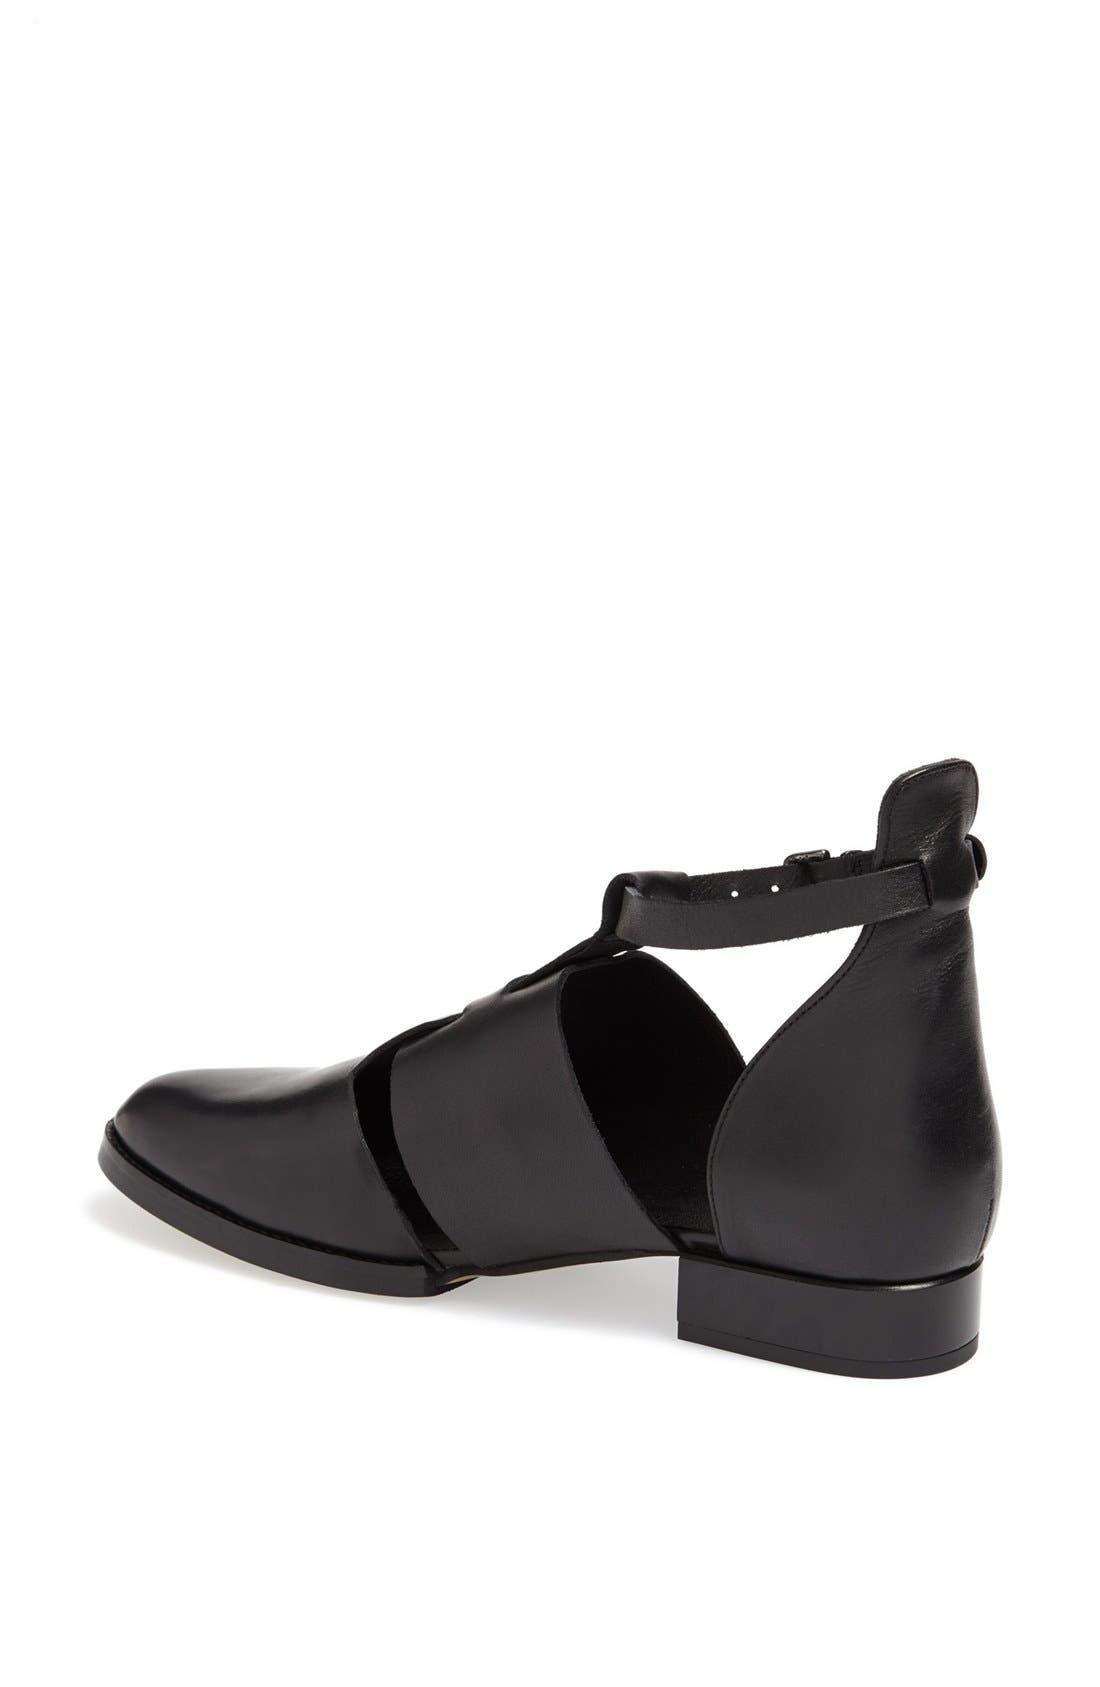 'Kapa' Cutout Shoe,                             Alternate thumbnail 4, color,                             001